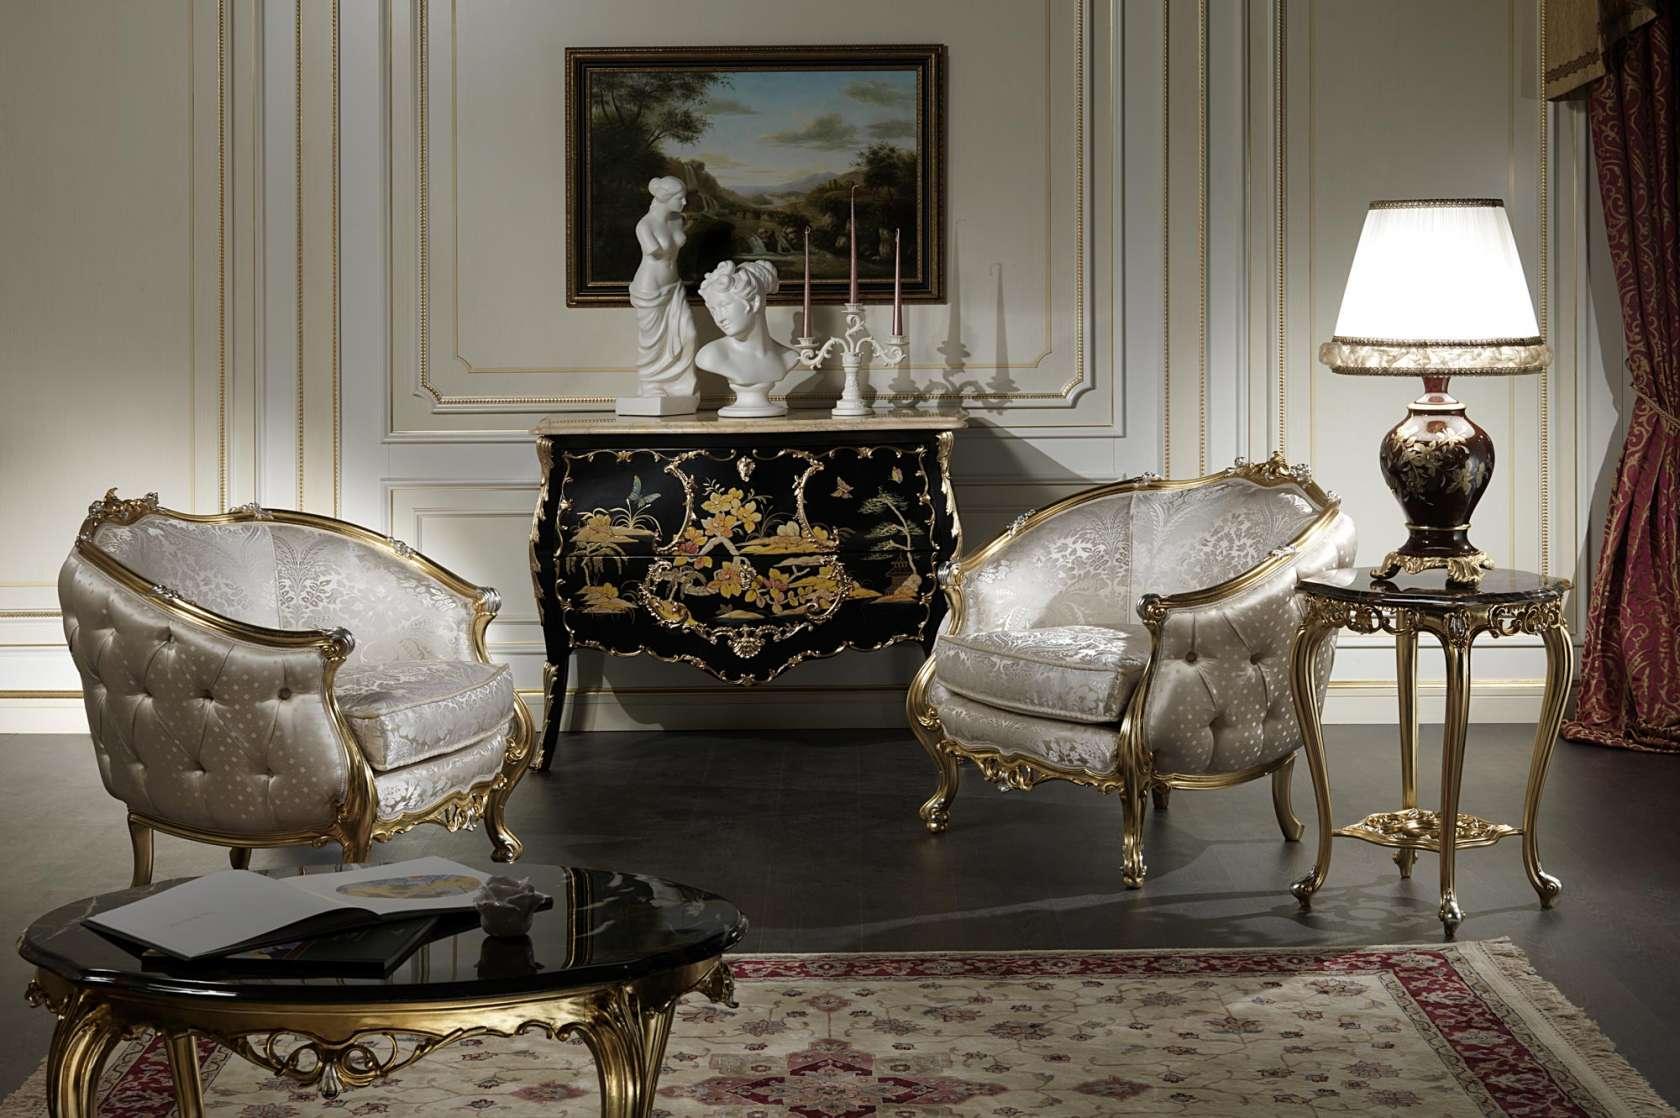 Venezia Luxury Classic Armchairs